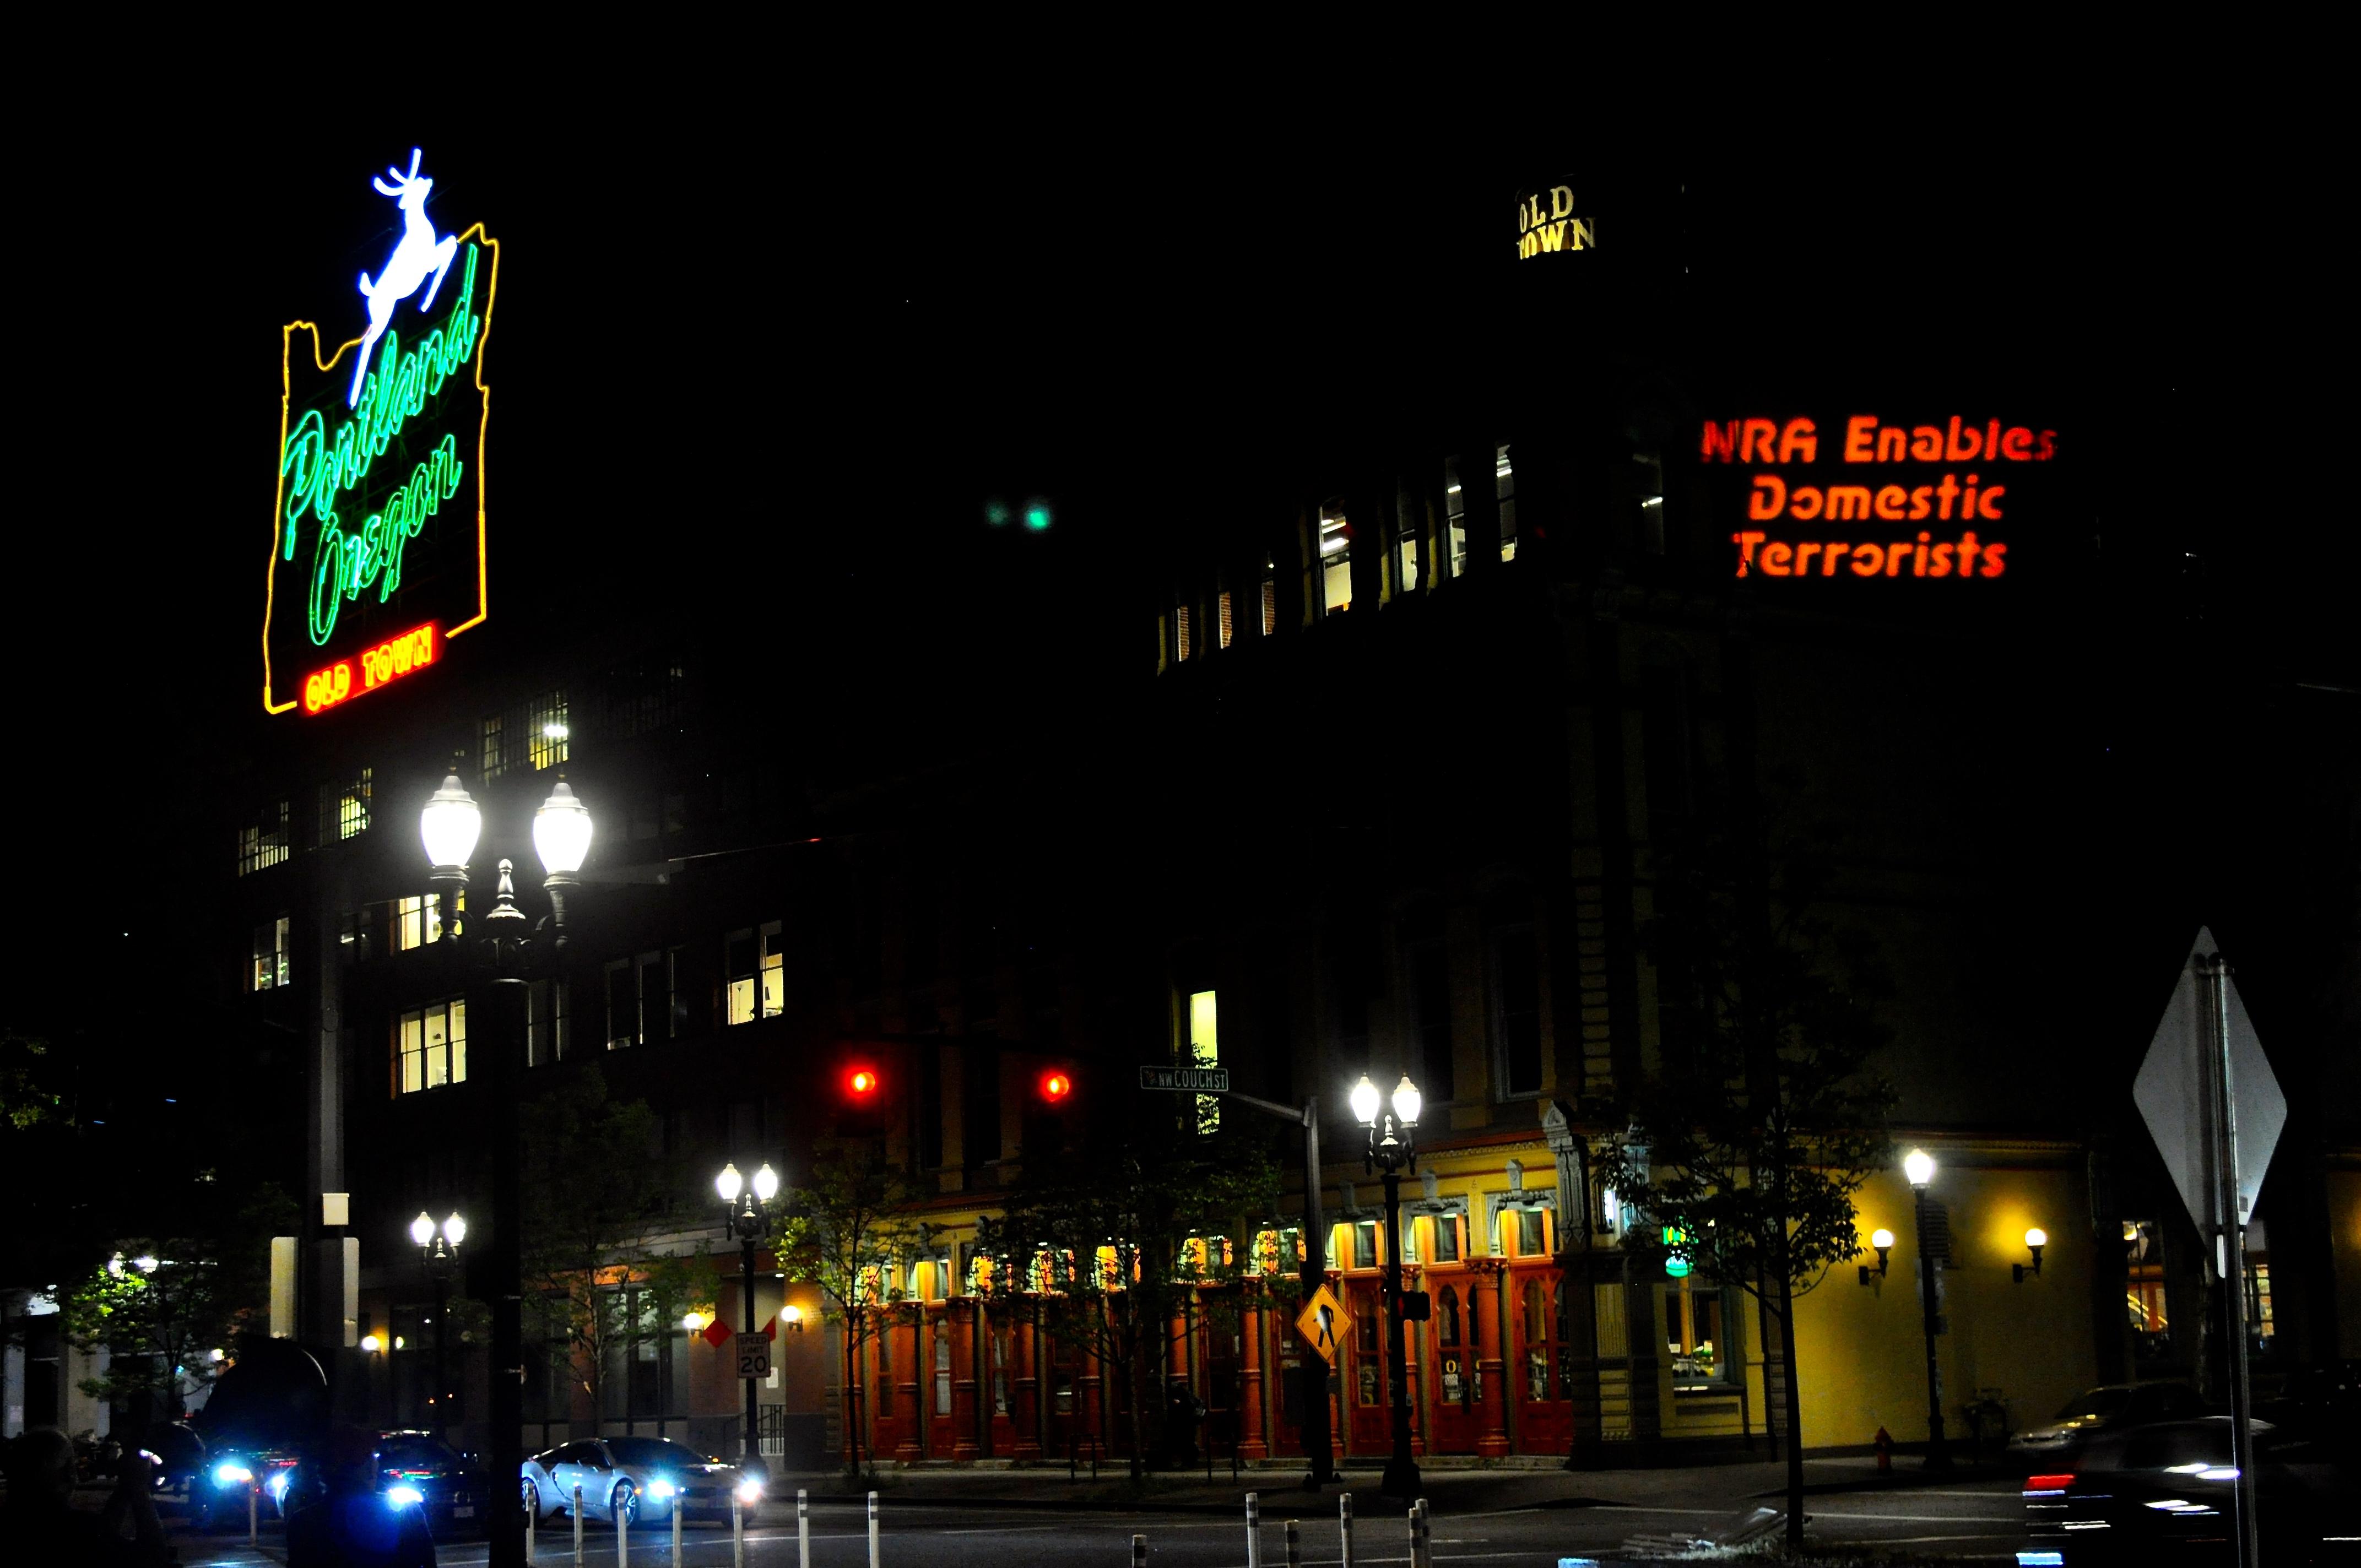 PortlandNeon-NRAEnablesTerrorists.JPG